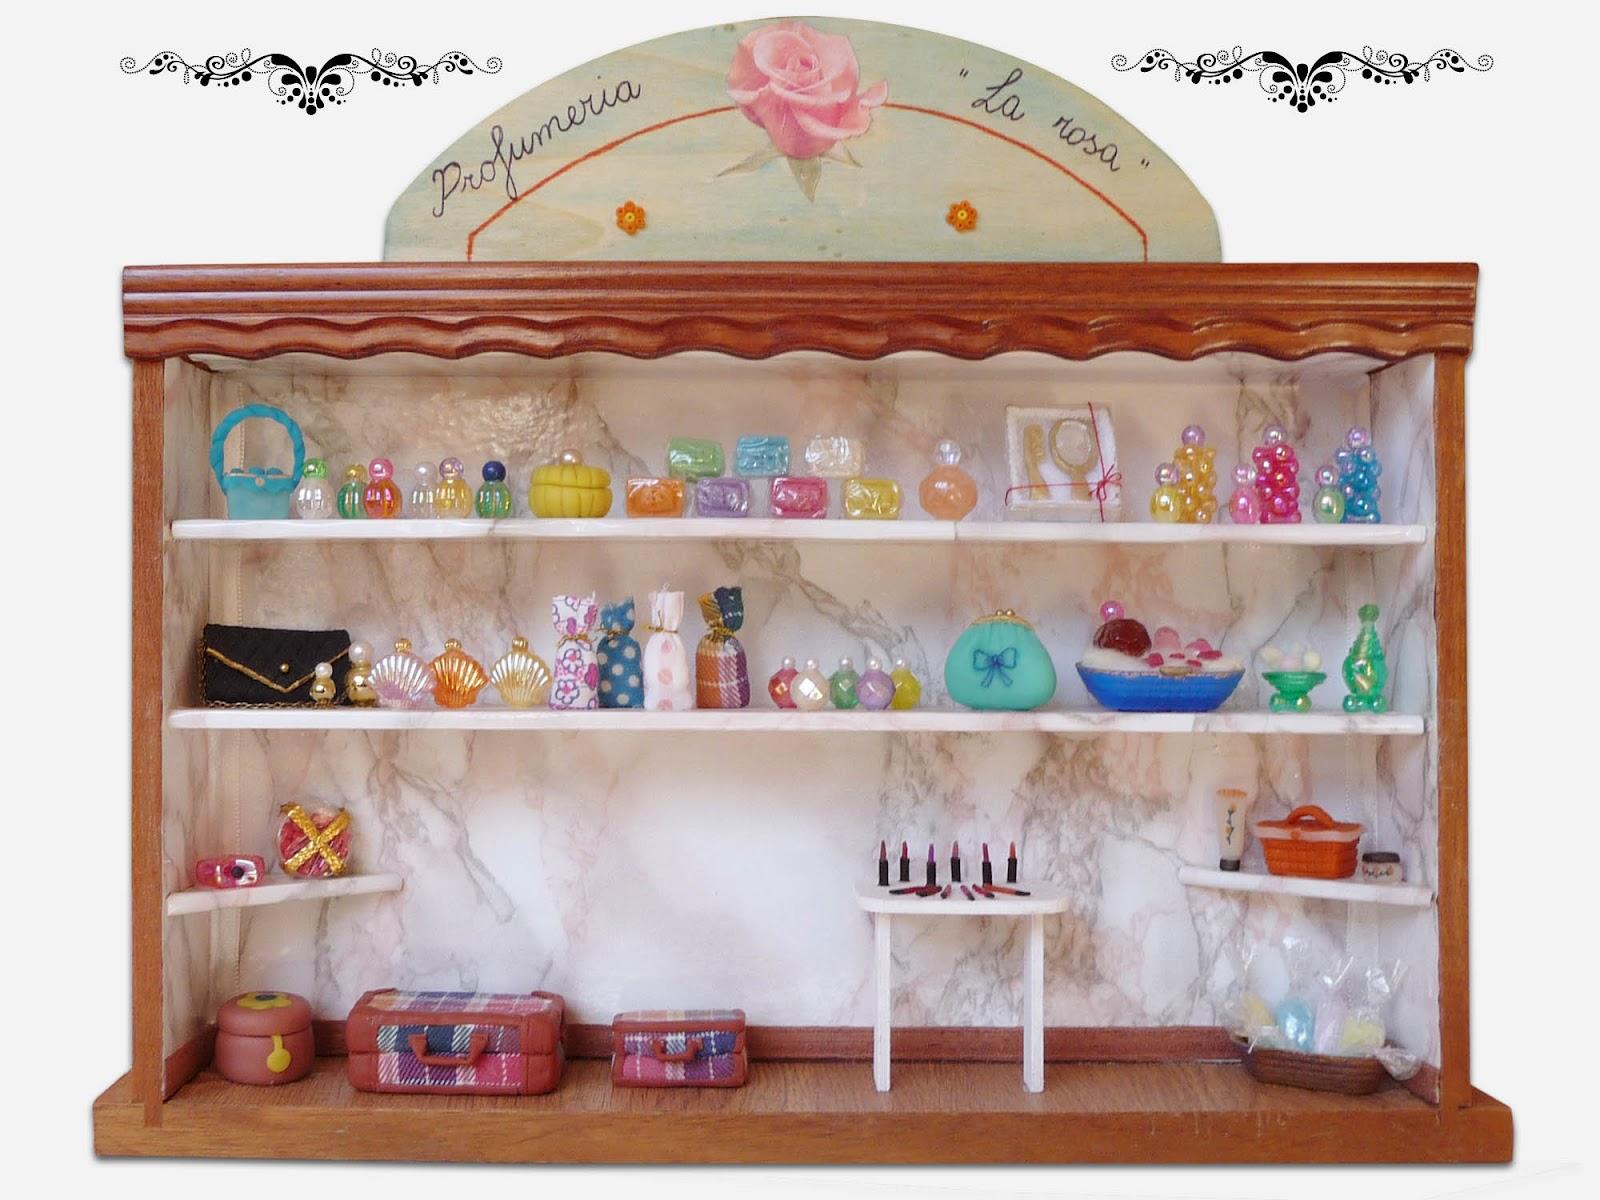 Morandi sisters microworld beauty expositor espositore profumeria - Bagno in miniatura ...